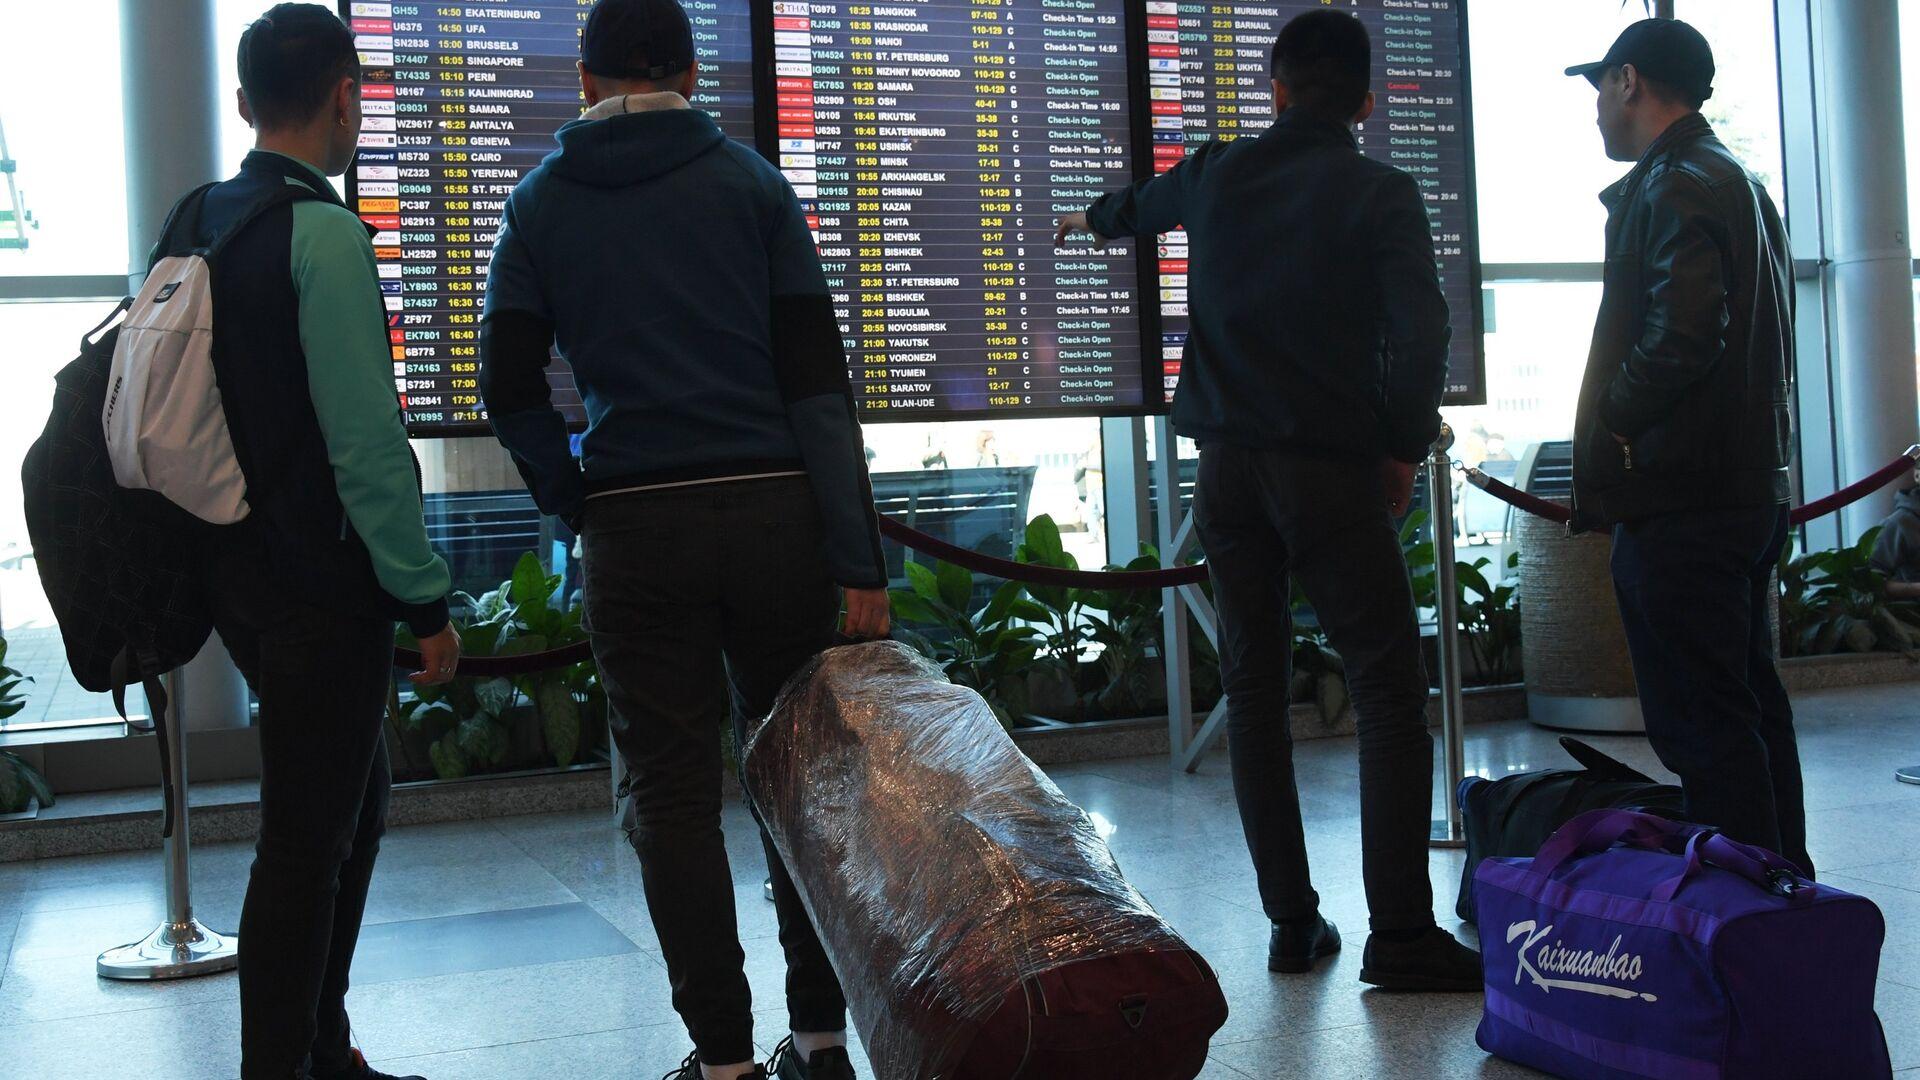 Пассажиры у информационного табло в аэропорту Домодедово - РИА Новости, 1920, 23.04.2021